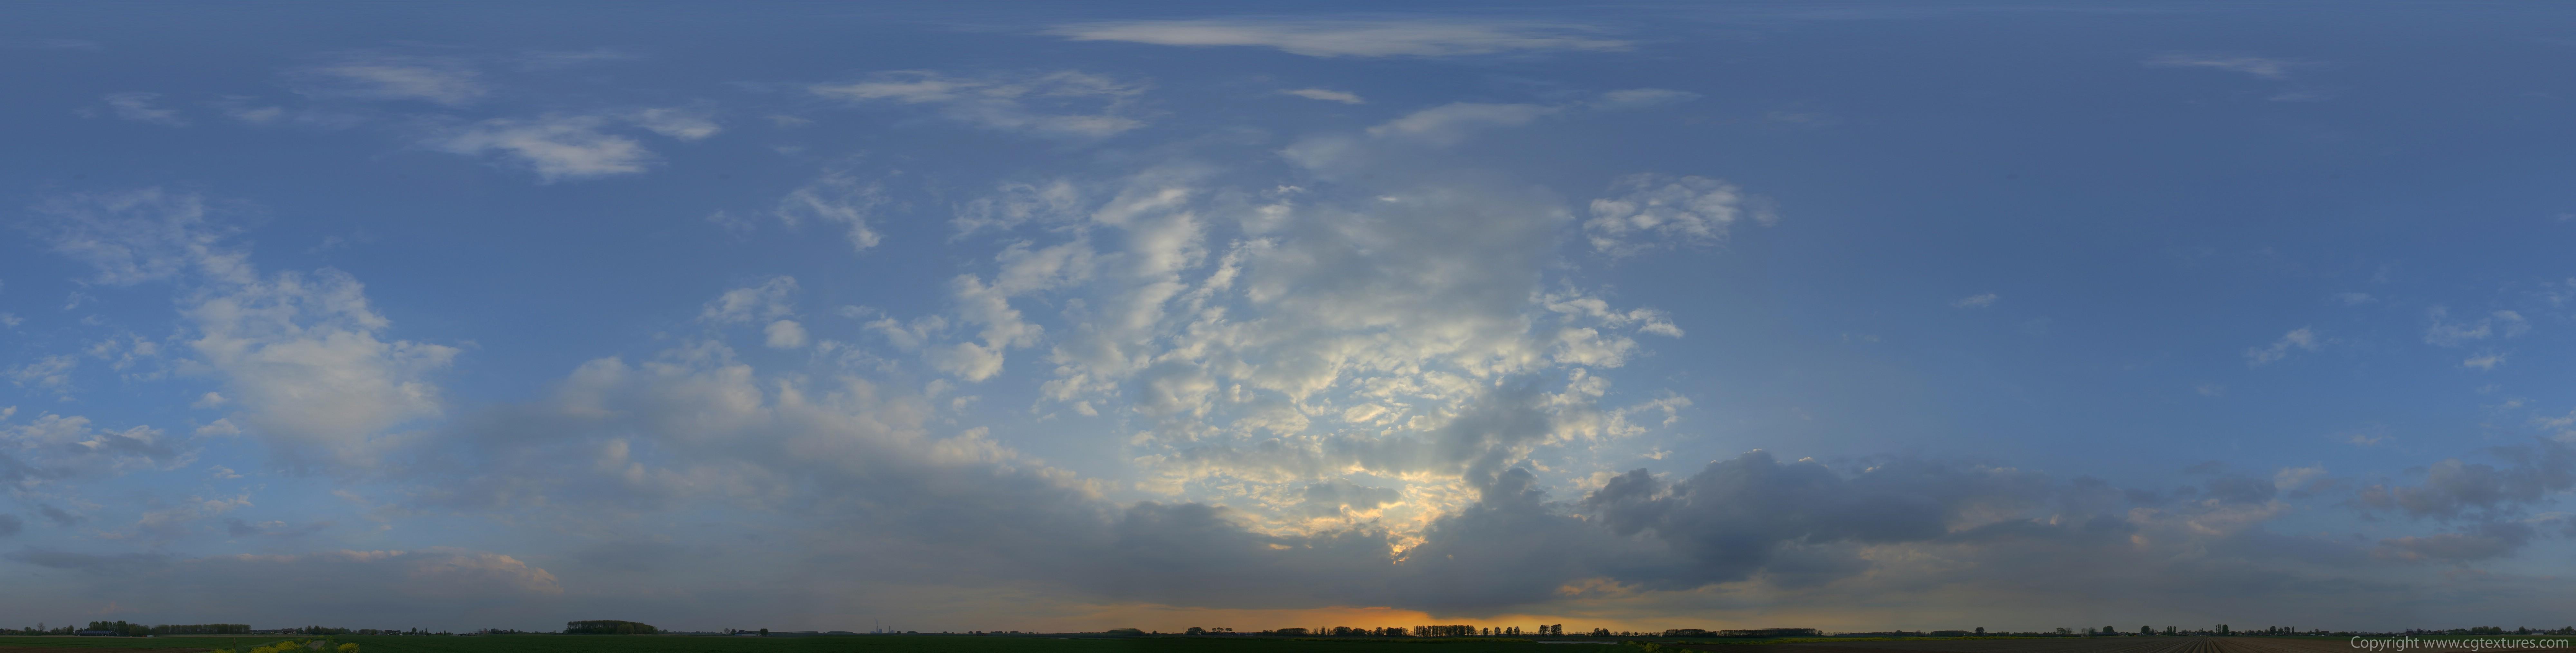 Текстура неба при закате